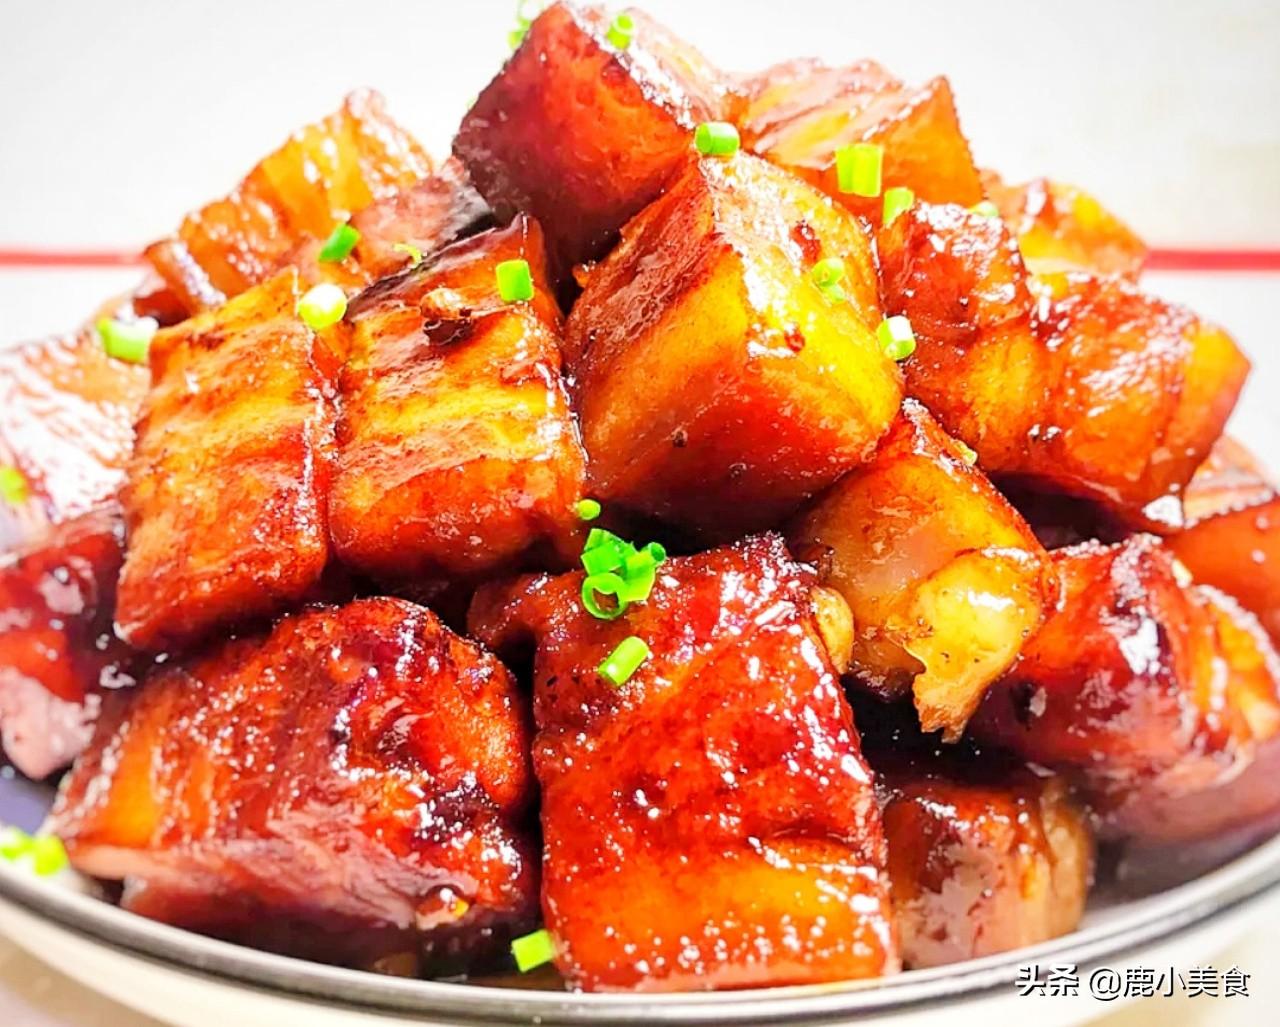 我家红烧肉从来不焯水,用3个步骤代替,红烧肉酱香软嫩,无腥味